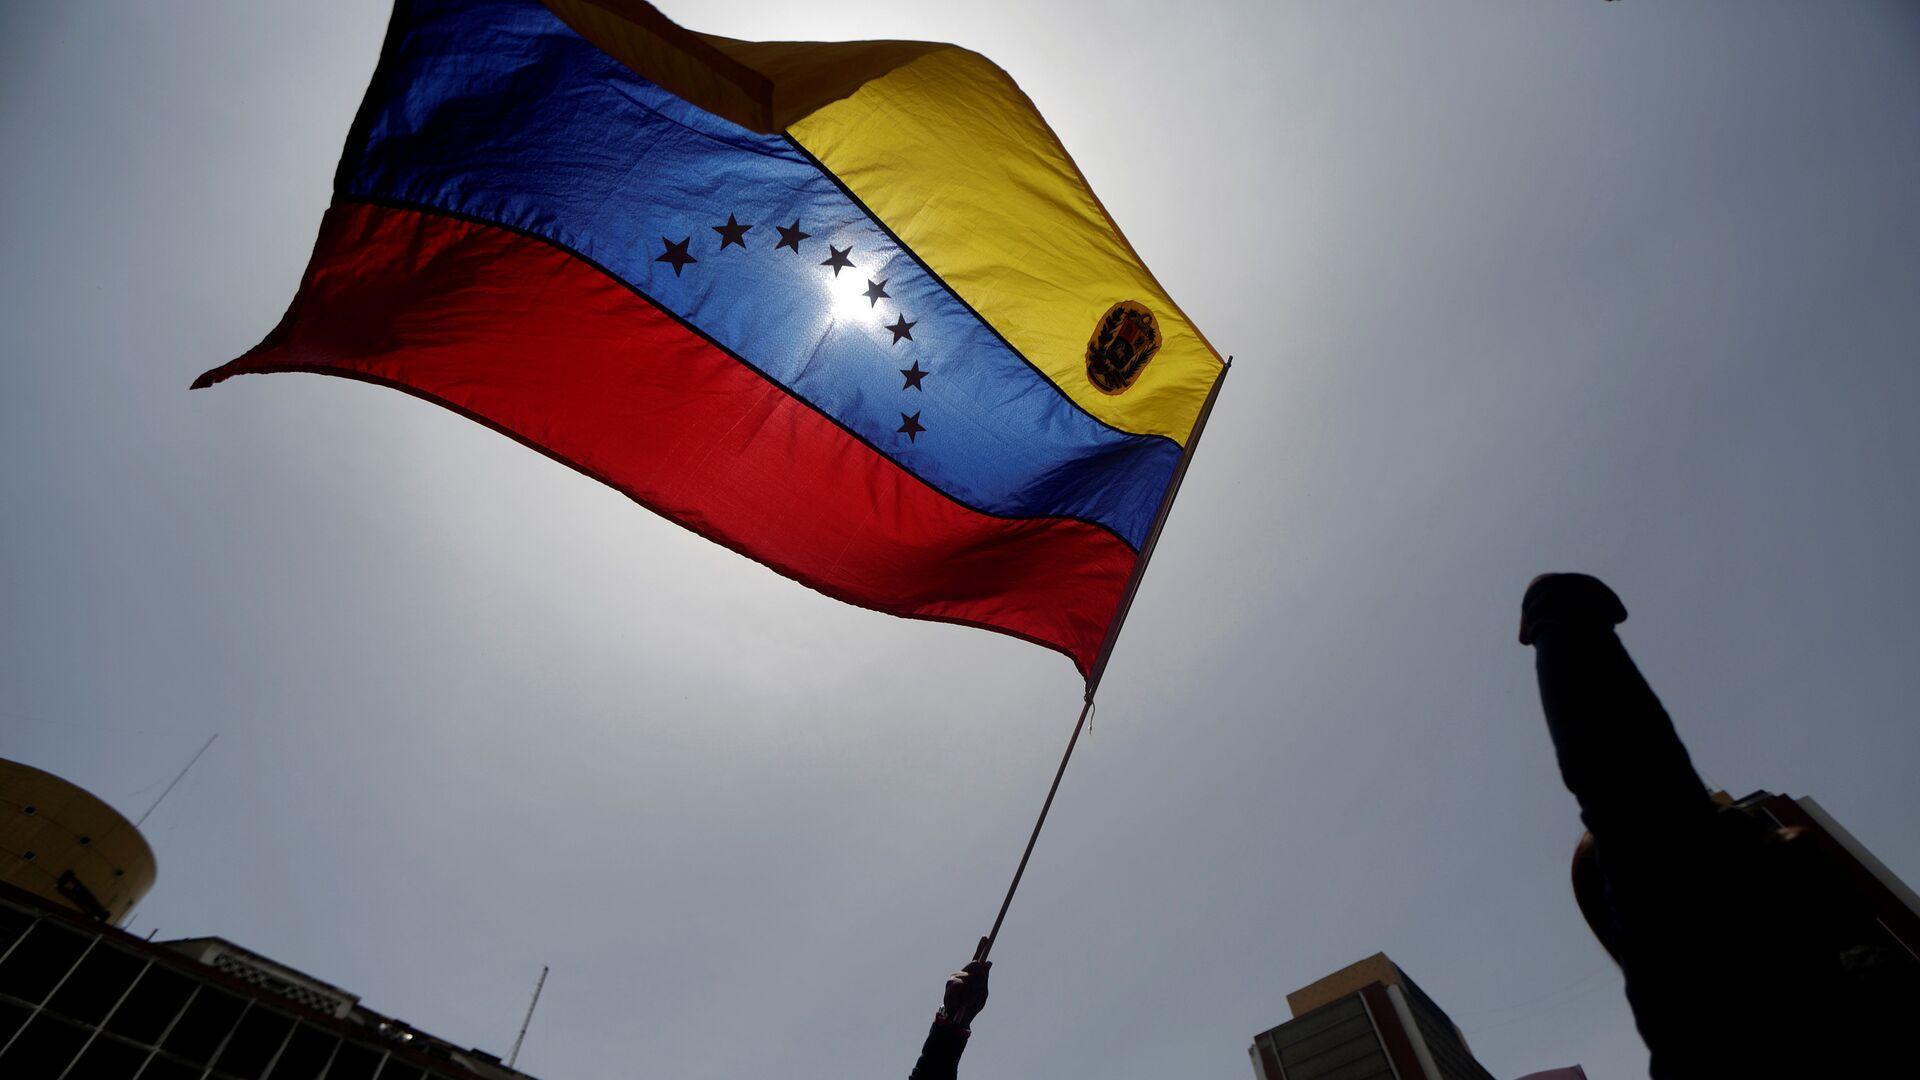 La bandera de Venezuela - Sputnik Mundo, 1920, 24.03.2021